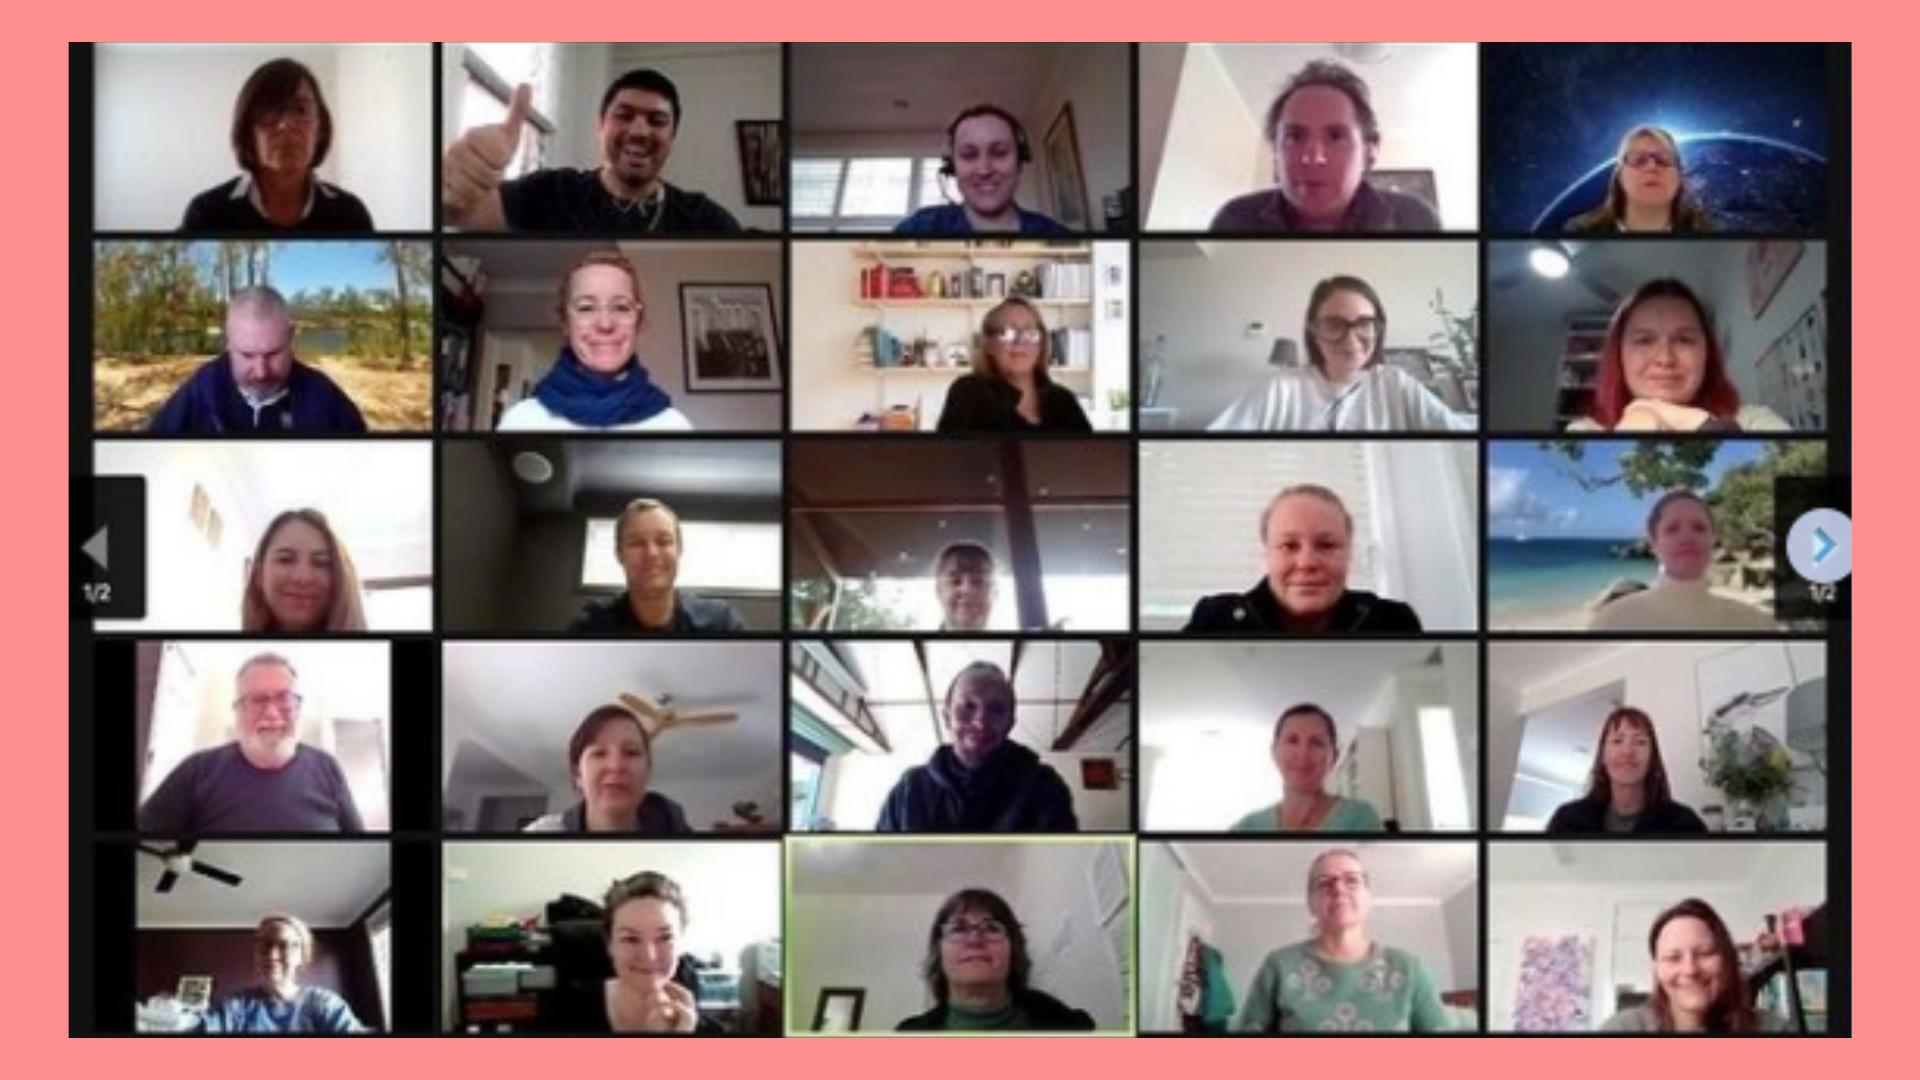 Imagen de personas reunidas en una capacitación virtual